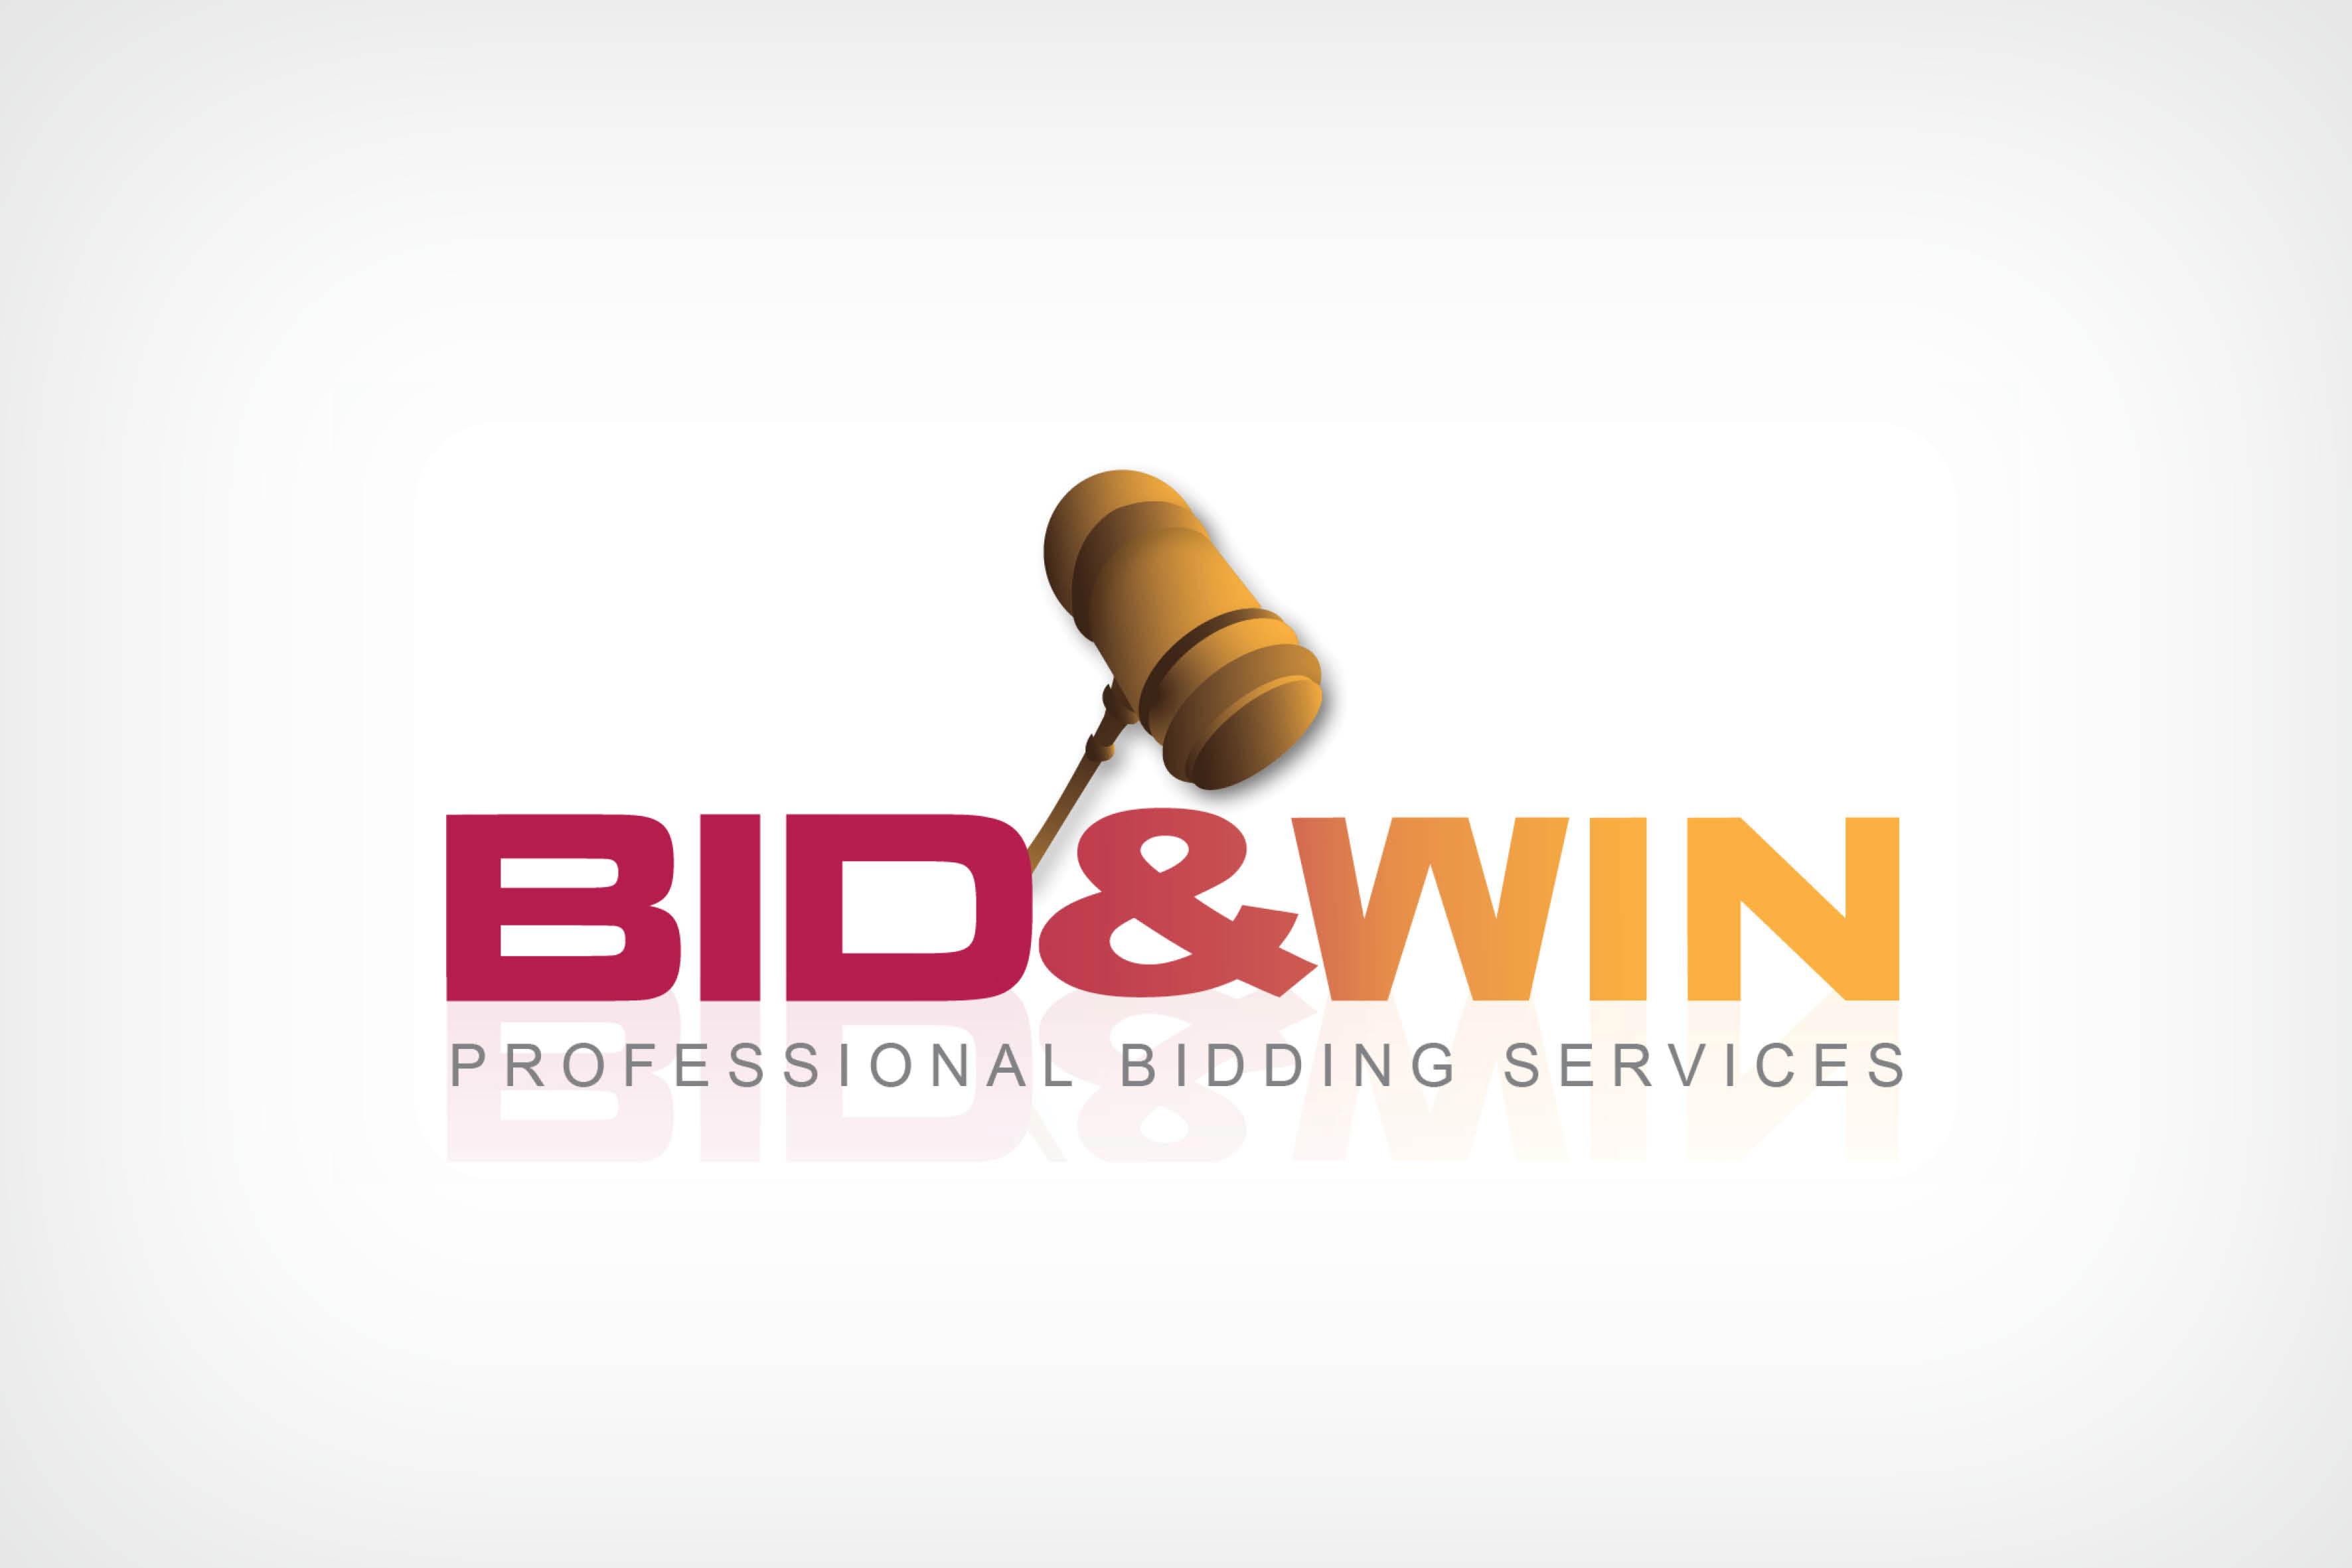 bidwin